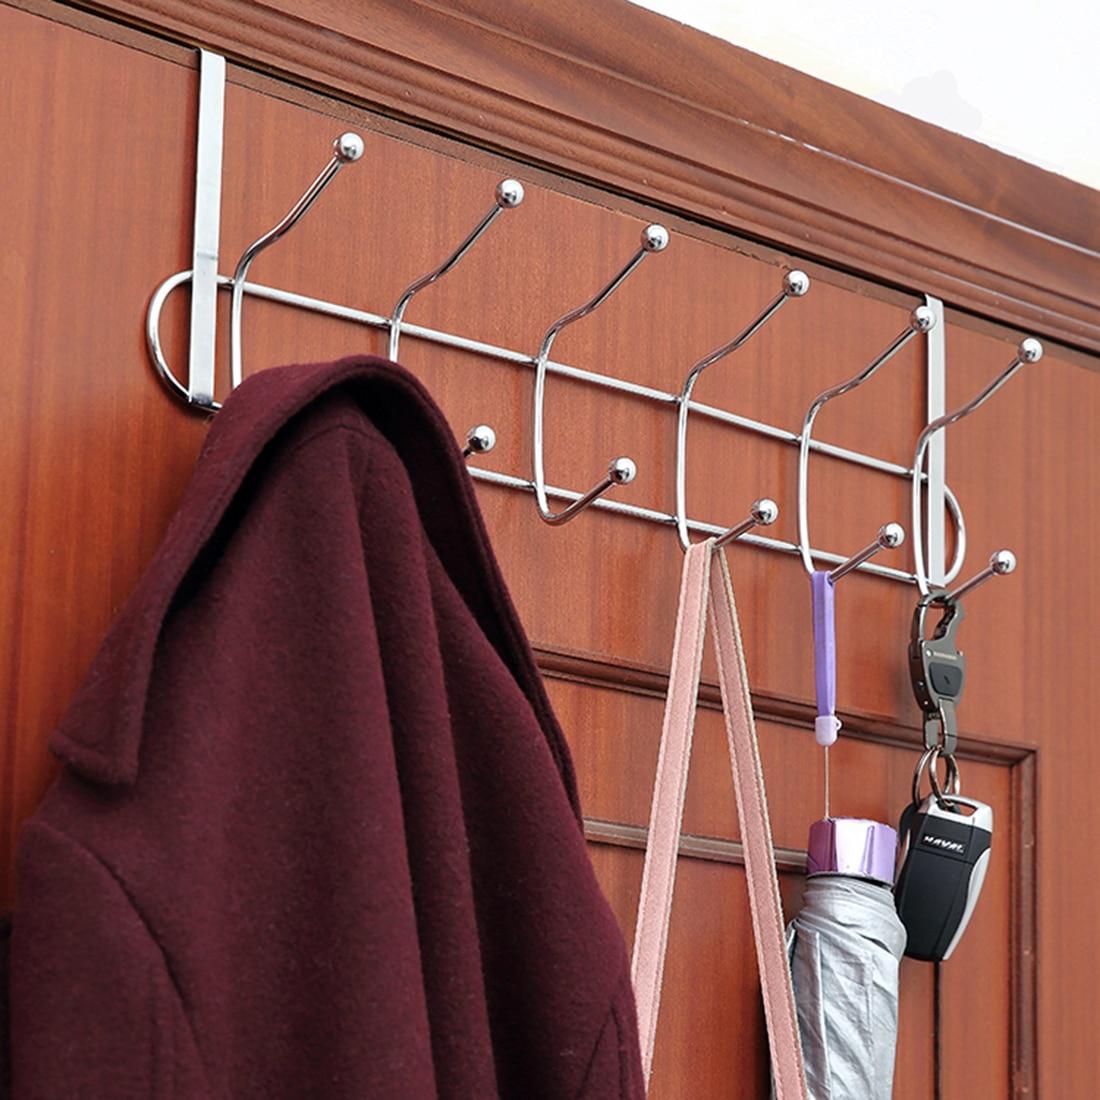 Us 1044 24 Off12 Hooks Bathroom Door Hanging Rack Kitchen Hanging Organizer Door Clothes Hanger Hooks Over Door Rack Towel Holder In Storage